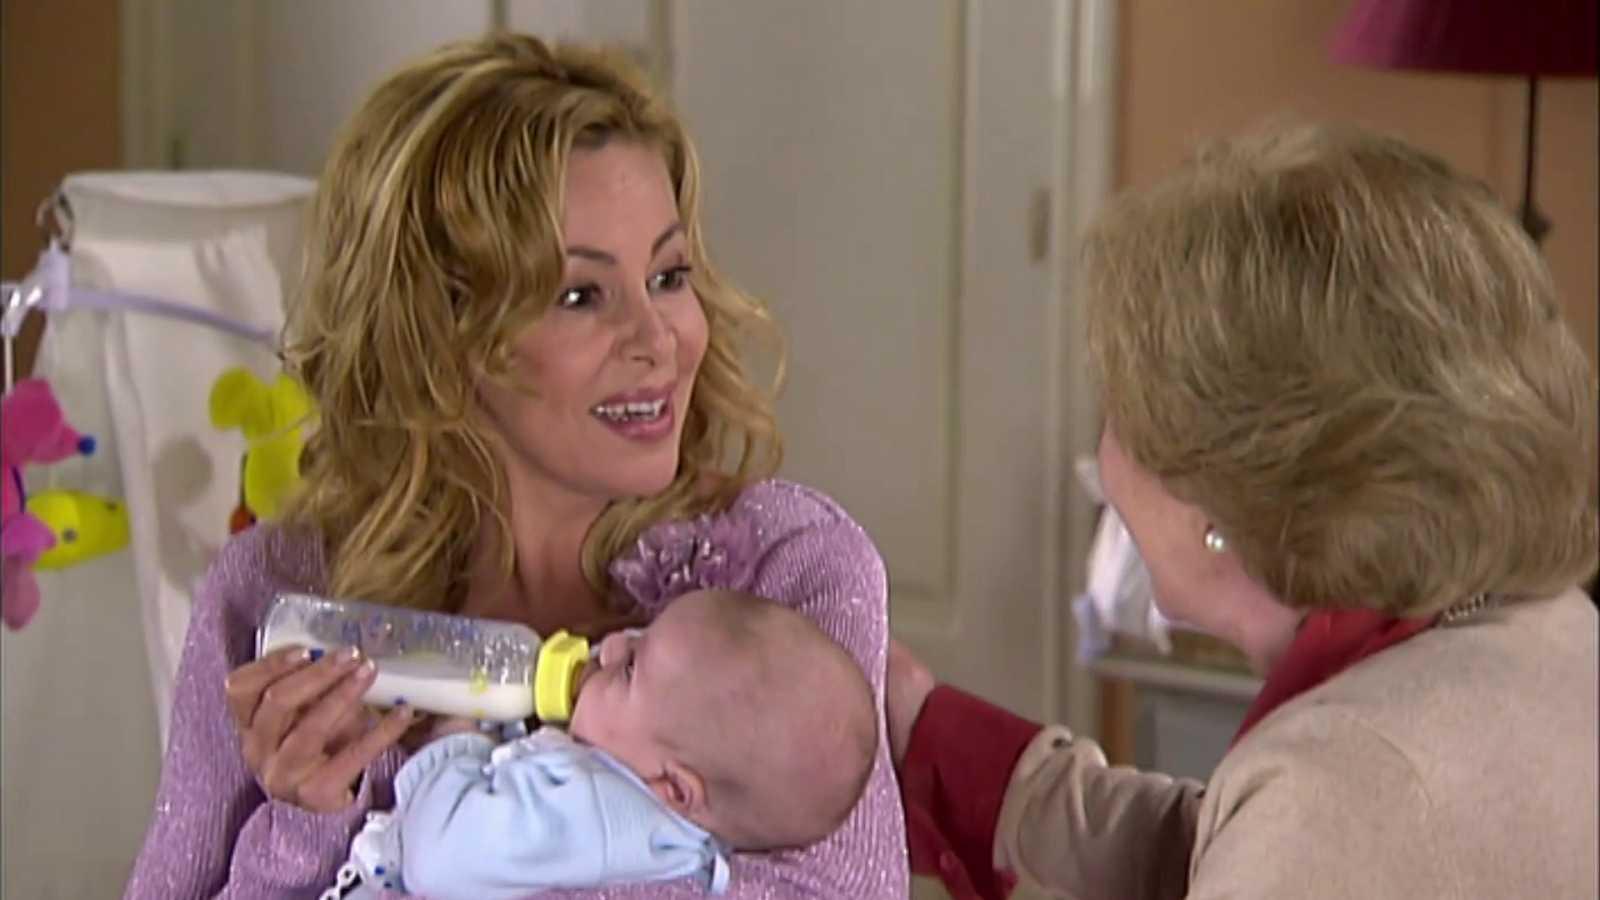 Ana y los siete - Episodio 78 - La boda de Carmen y Nicolás - ver vídeo